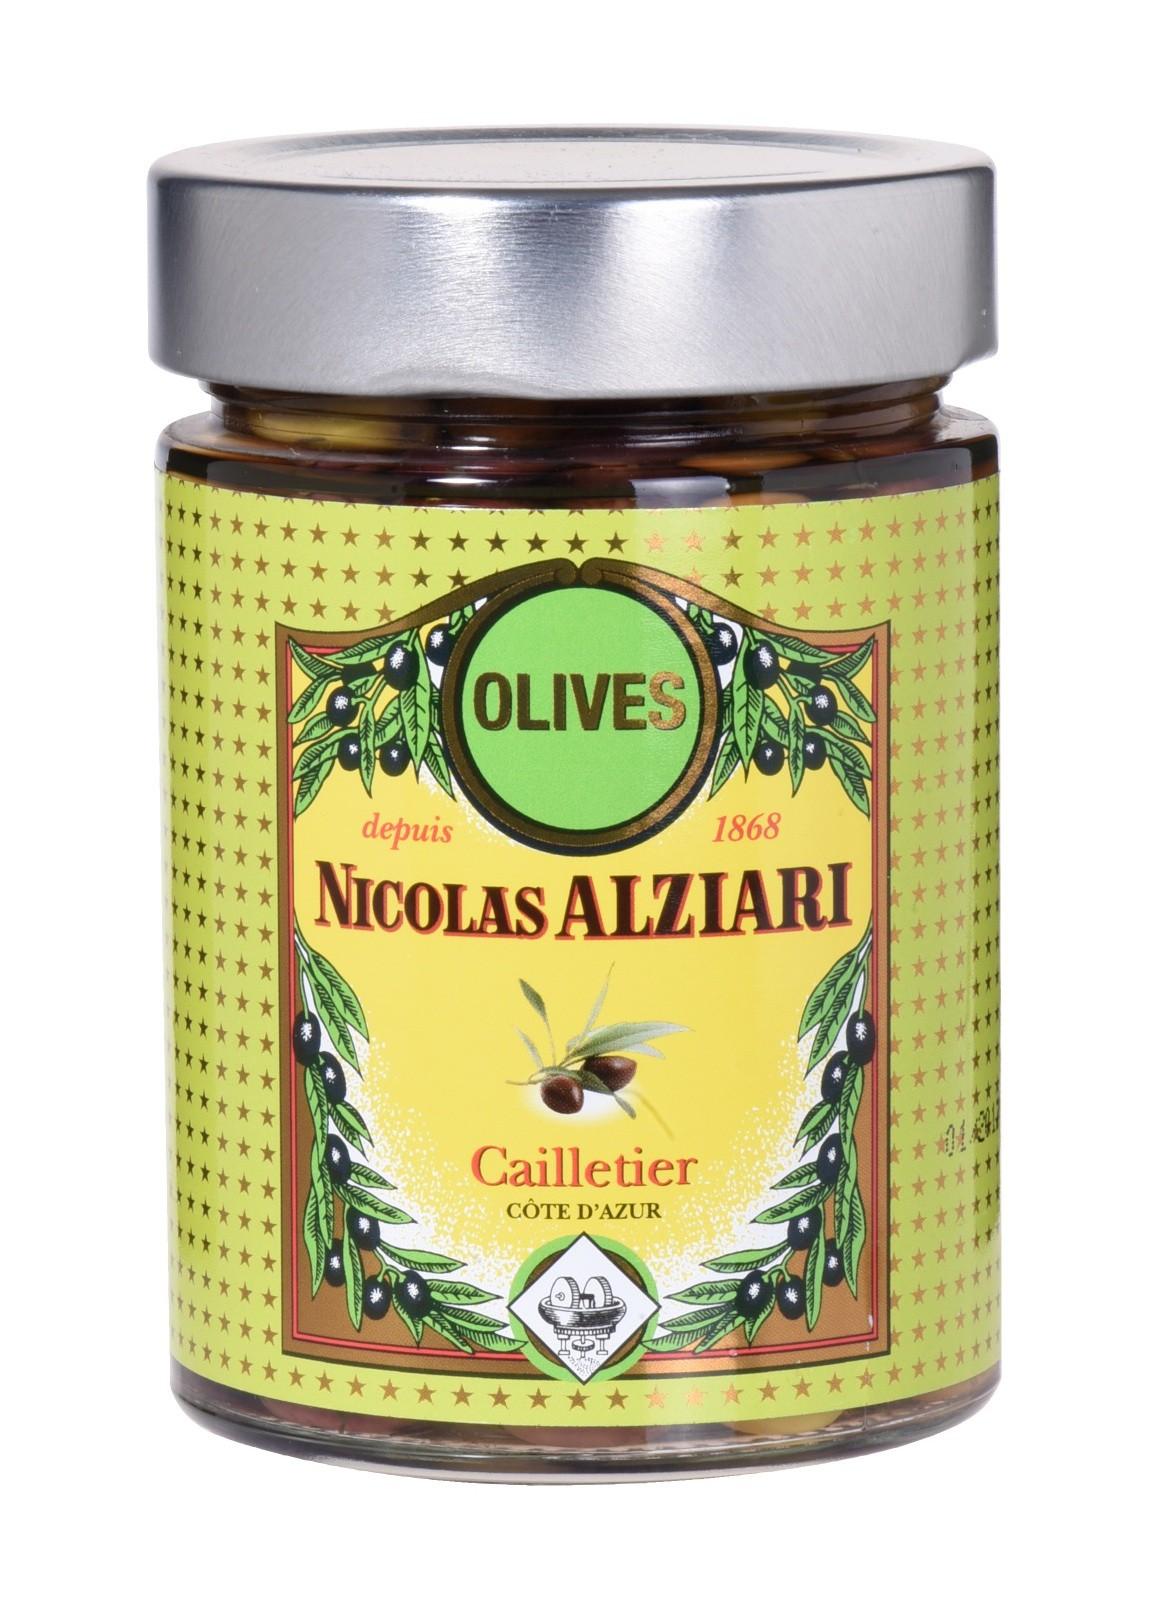 Bocal d'olives cailletier 220 gr (Côte d'Azur)